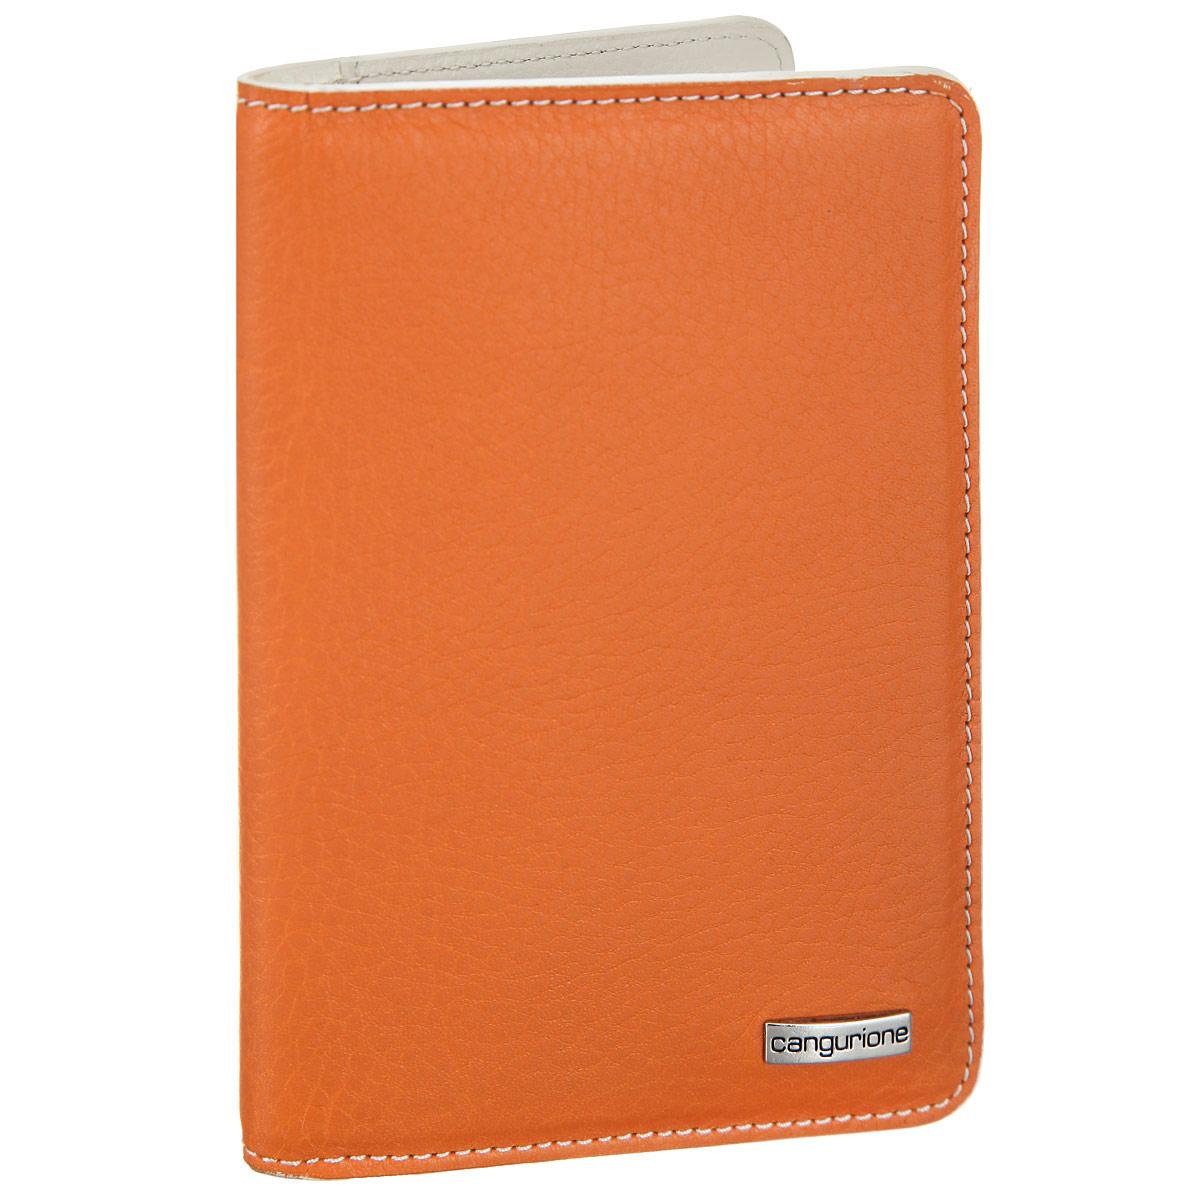 Обложка для автодокументов Cangurione, цвет: оранжевый, молочный. 3334-A3334-A/Orange-BeigeОбложка для автодокументов Cangurione выполнена из натуральной высококачественной кожи и декорирована фактурным тиснением, контрастной прострочкой по контуру. Лицевая сторона обложки оформлена металлической пластиной с названием бренда. На внутреннем развороте: 8 прорезей для визиток и кредитных карт (одна - с сетчатым окошком) и два боковых кармана для бумаг и чеков. Изделие упаковано в стильную фирменную коробку. Обложка не только поможет сохранить внешний вид ваших документов и защитить их от повреждений, но и станет стильным аксессуаром, который подчеркнет ваш неповторимый стиль.